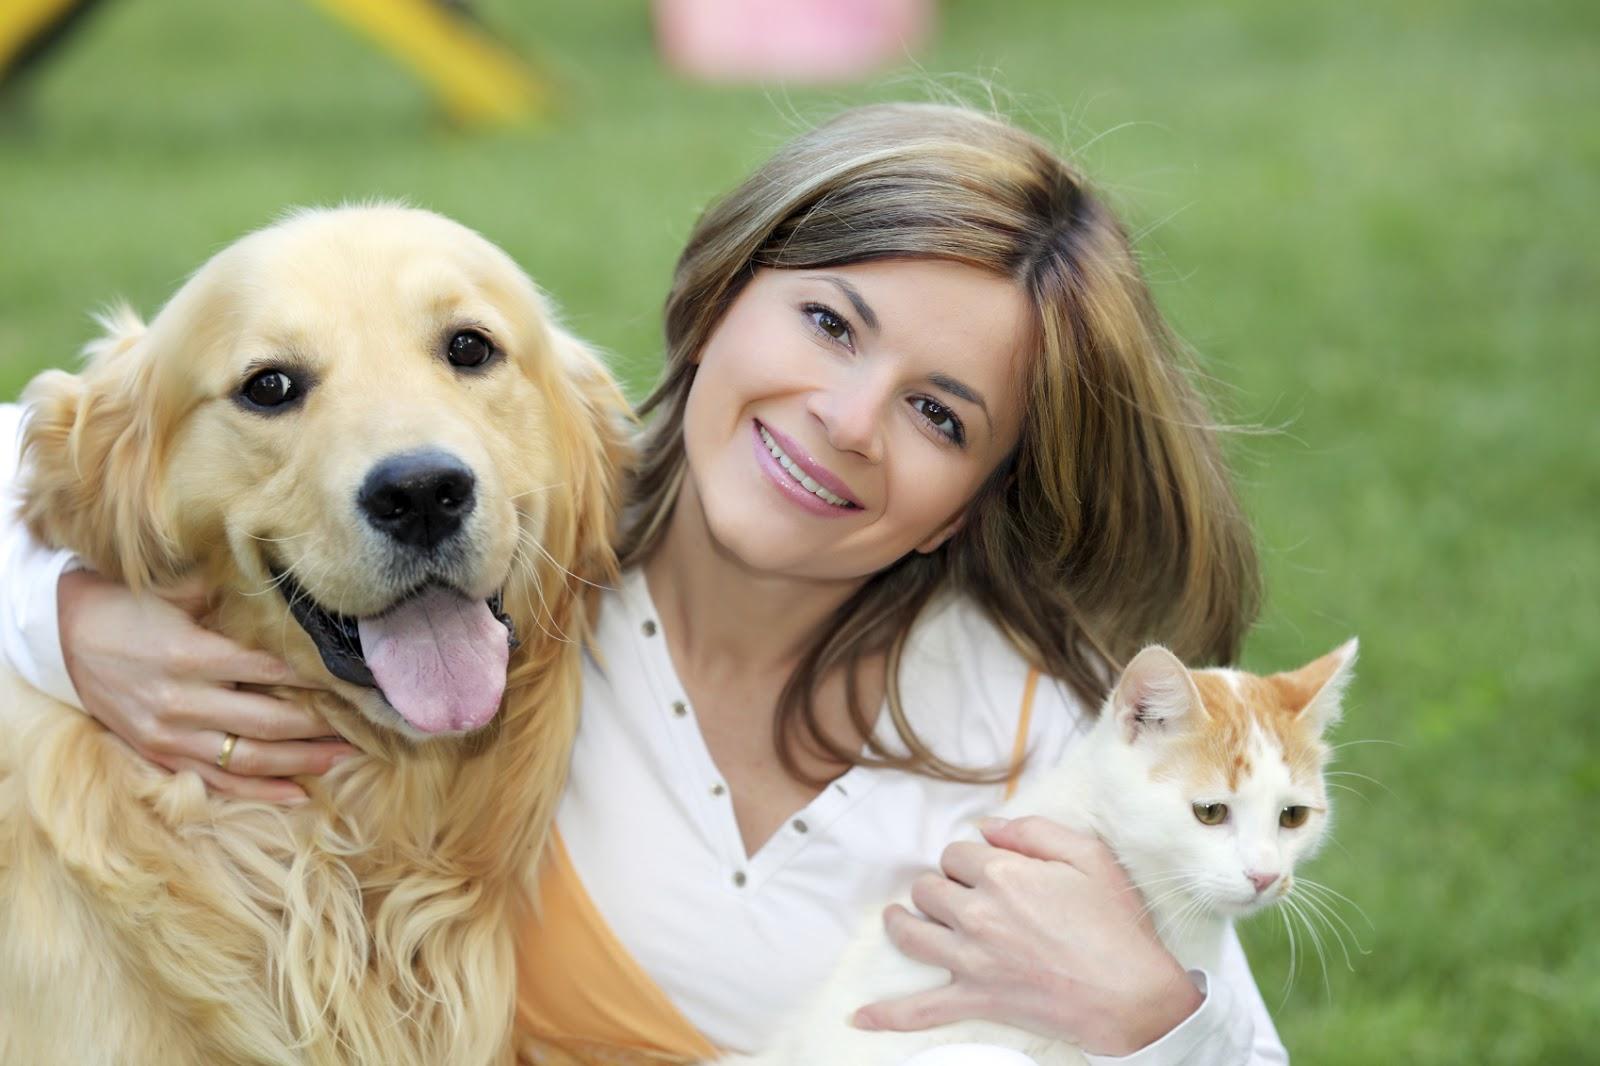 حیوان خانگی و تاثیرات مثبت آن بر روح و روان